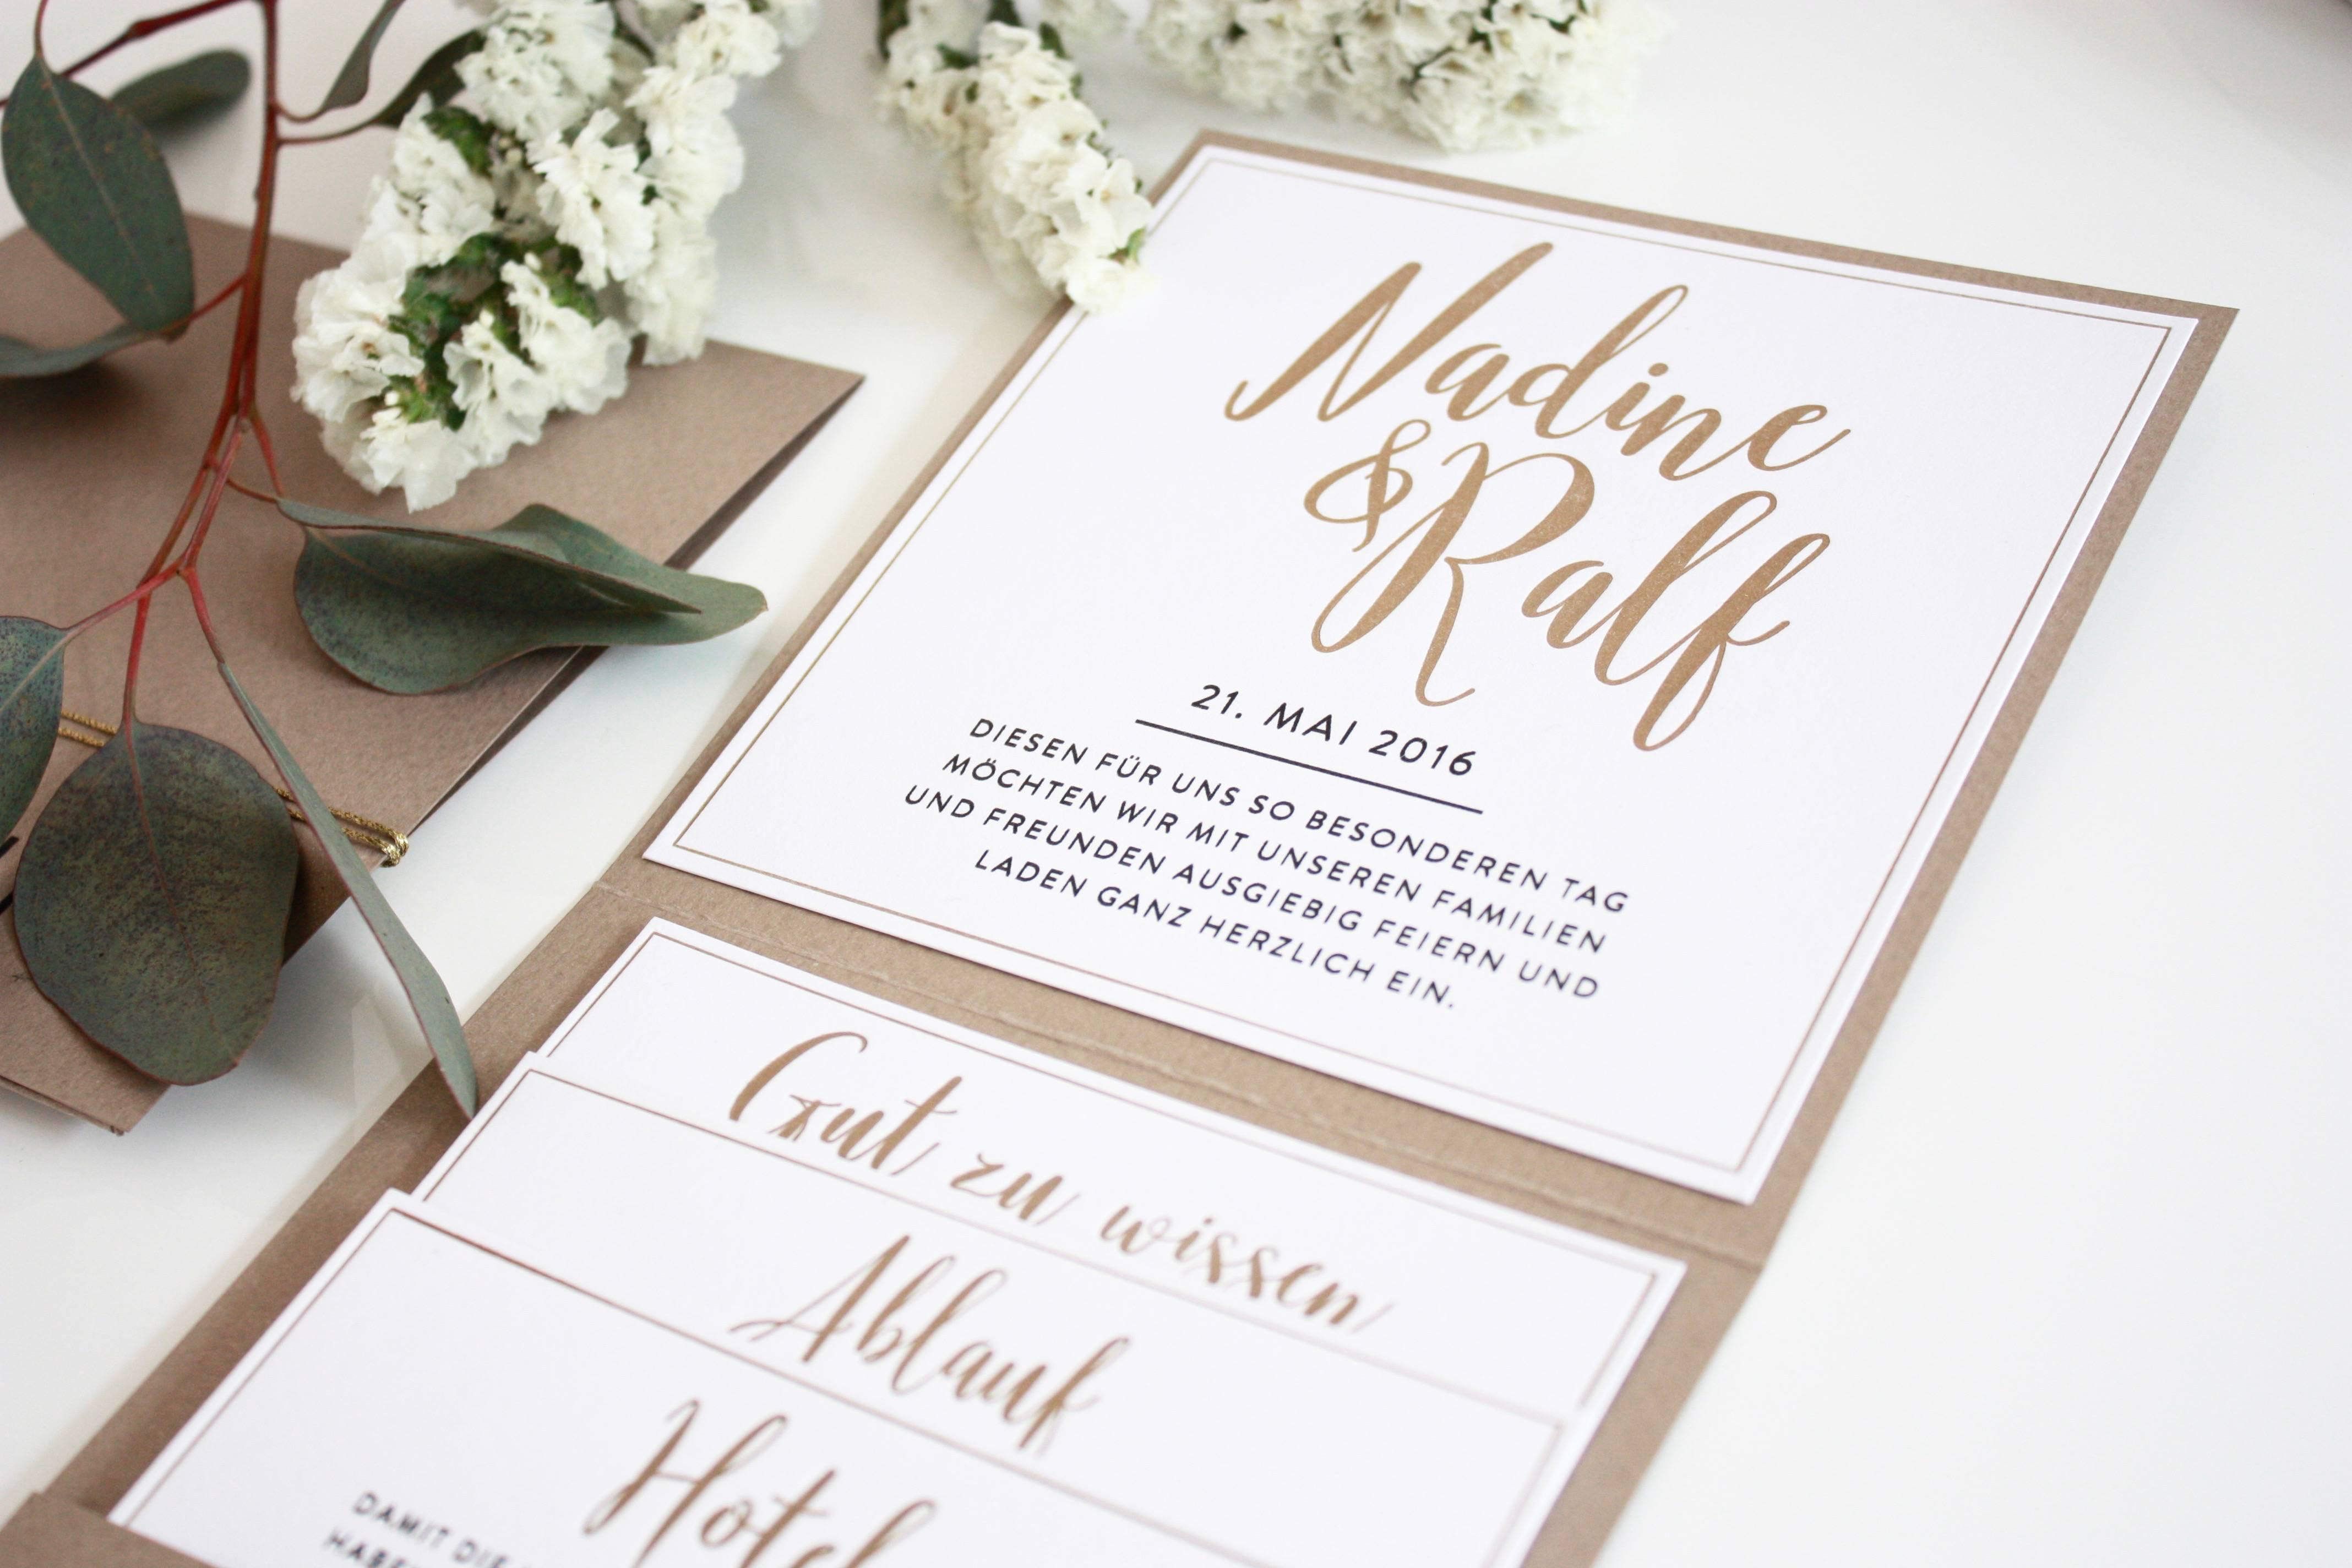 Danksagung Hochzeit Textvorschläge Modern  Dankeskarten Hochzeit Text Danksagung Hochzeit Textvorschläge Modern Danksagung Karten